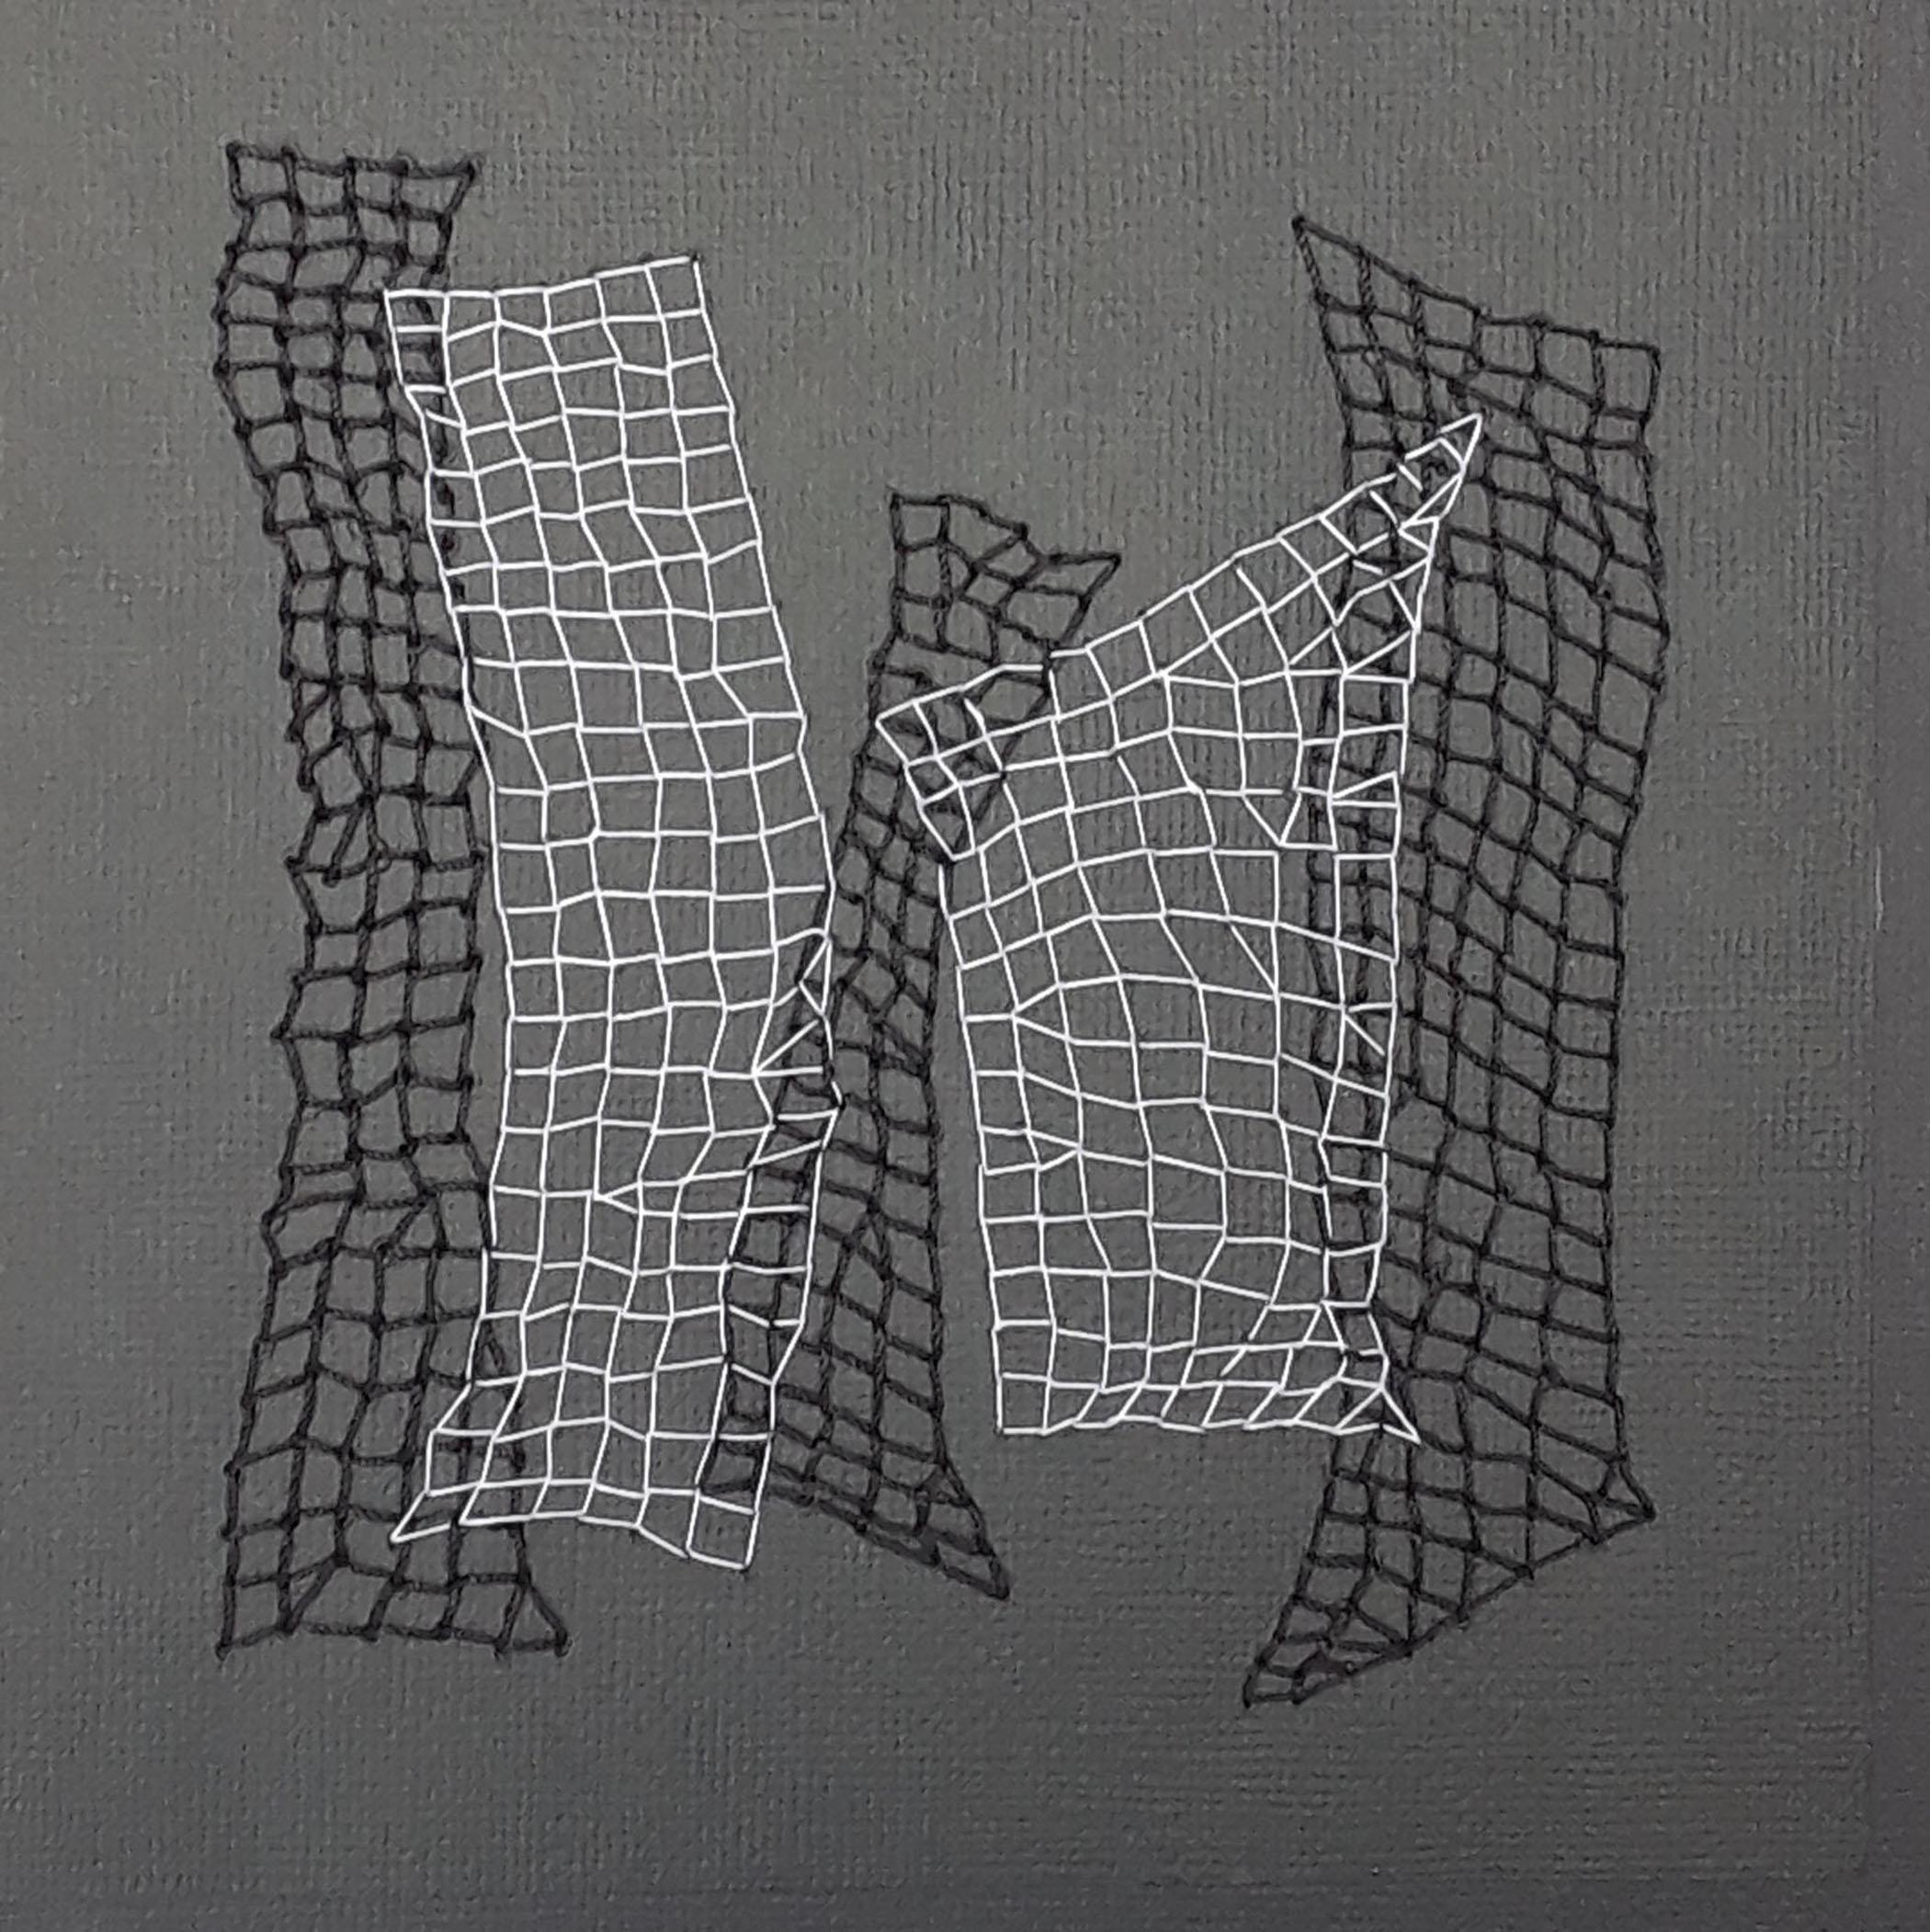 frik-p-White Forms Black Shadows.jpg-de2e7b54